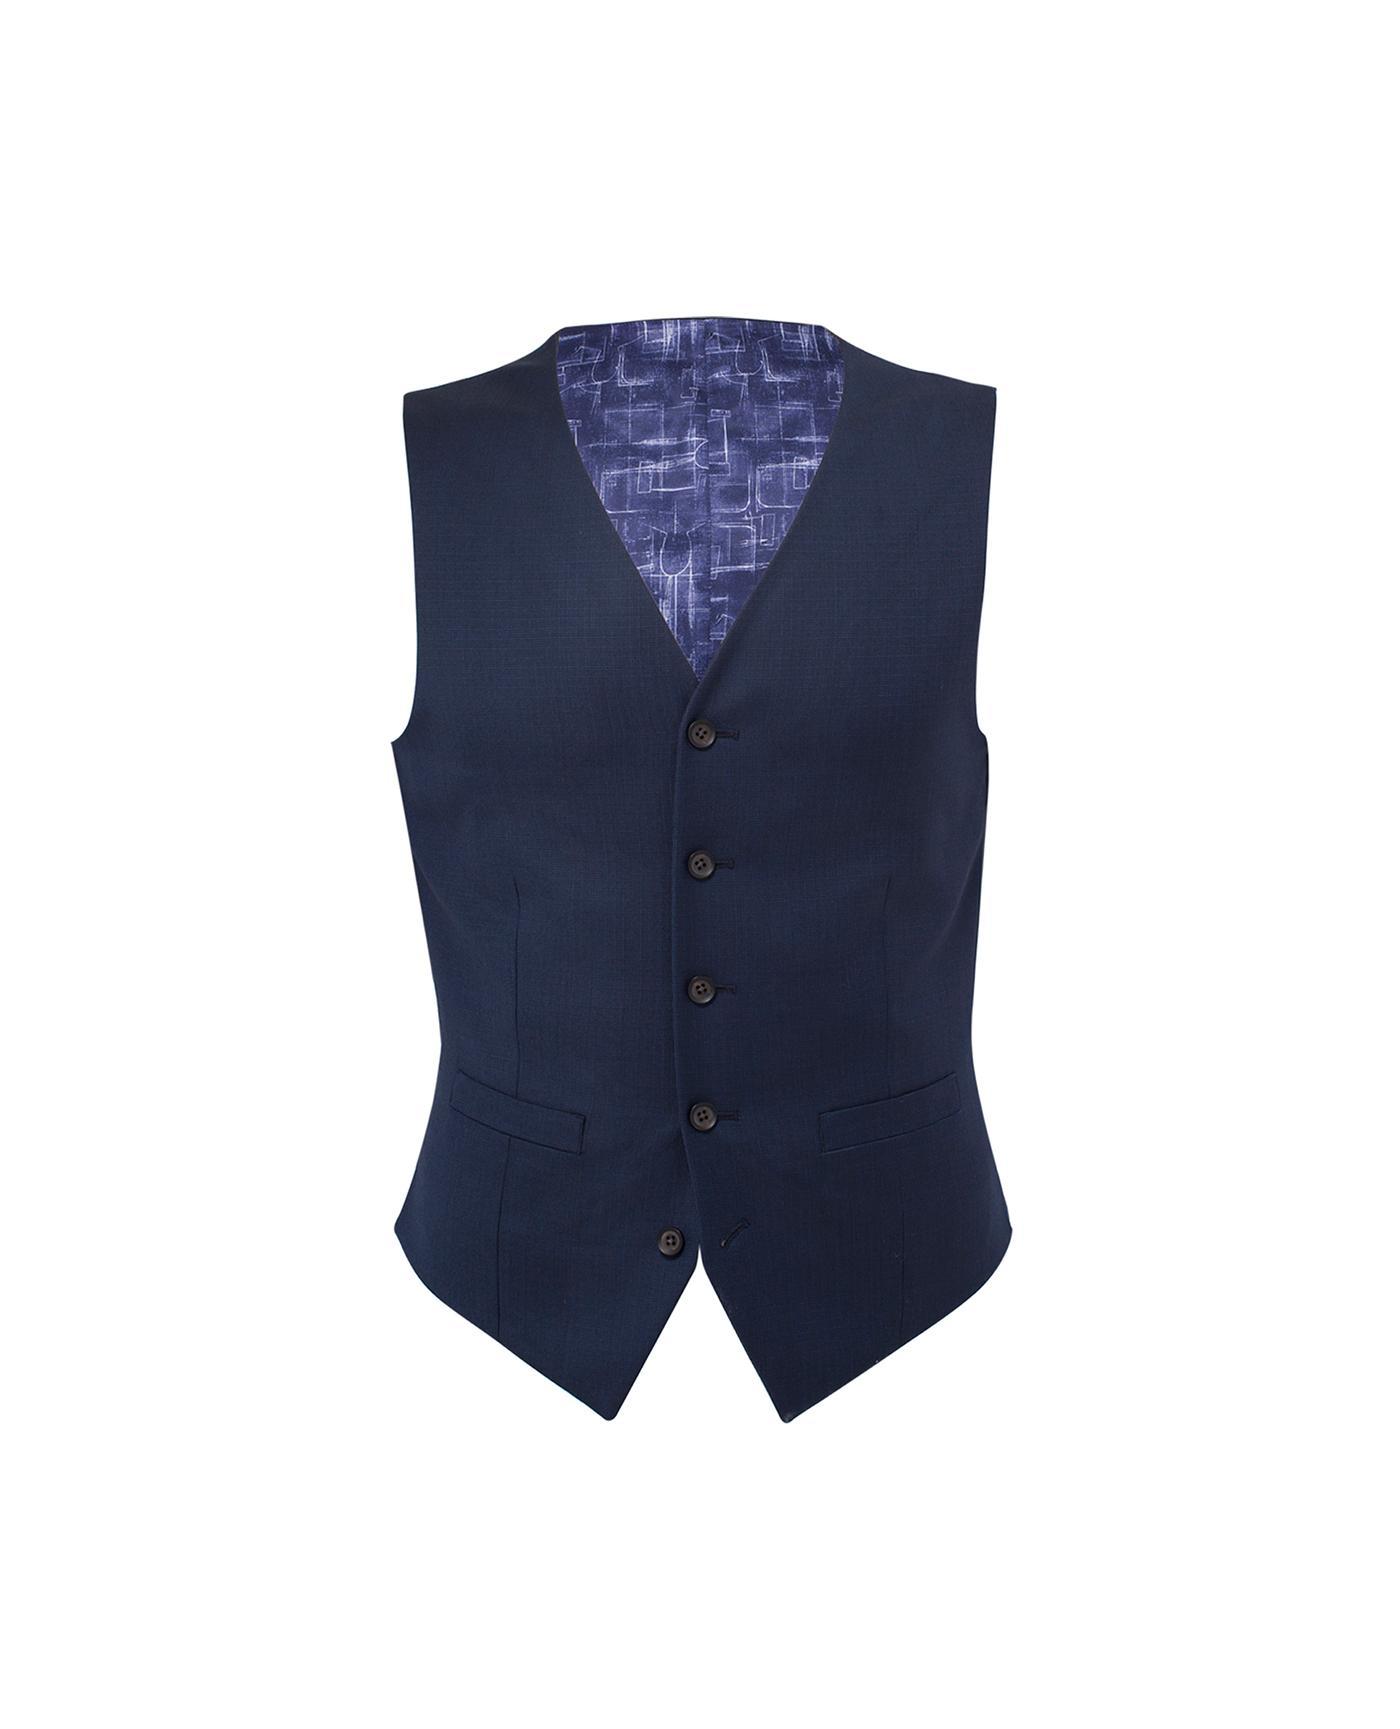 4121735522b9 T.M.Lewin Maxwell Textured Navy/Blue Modern/Slim Fit Italian Infinity …